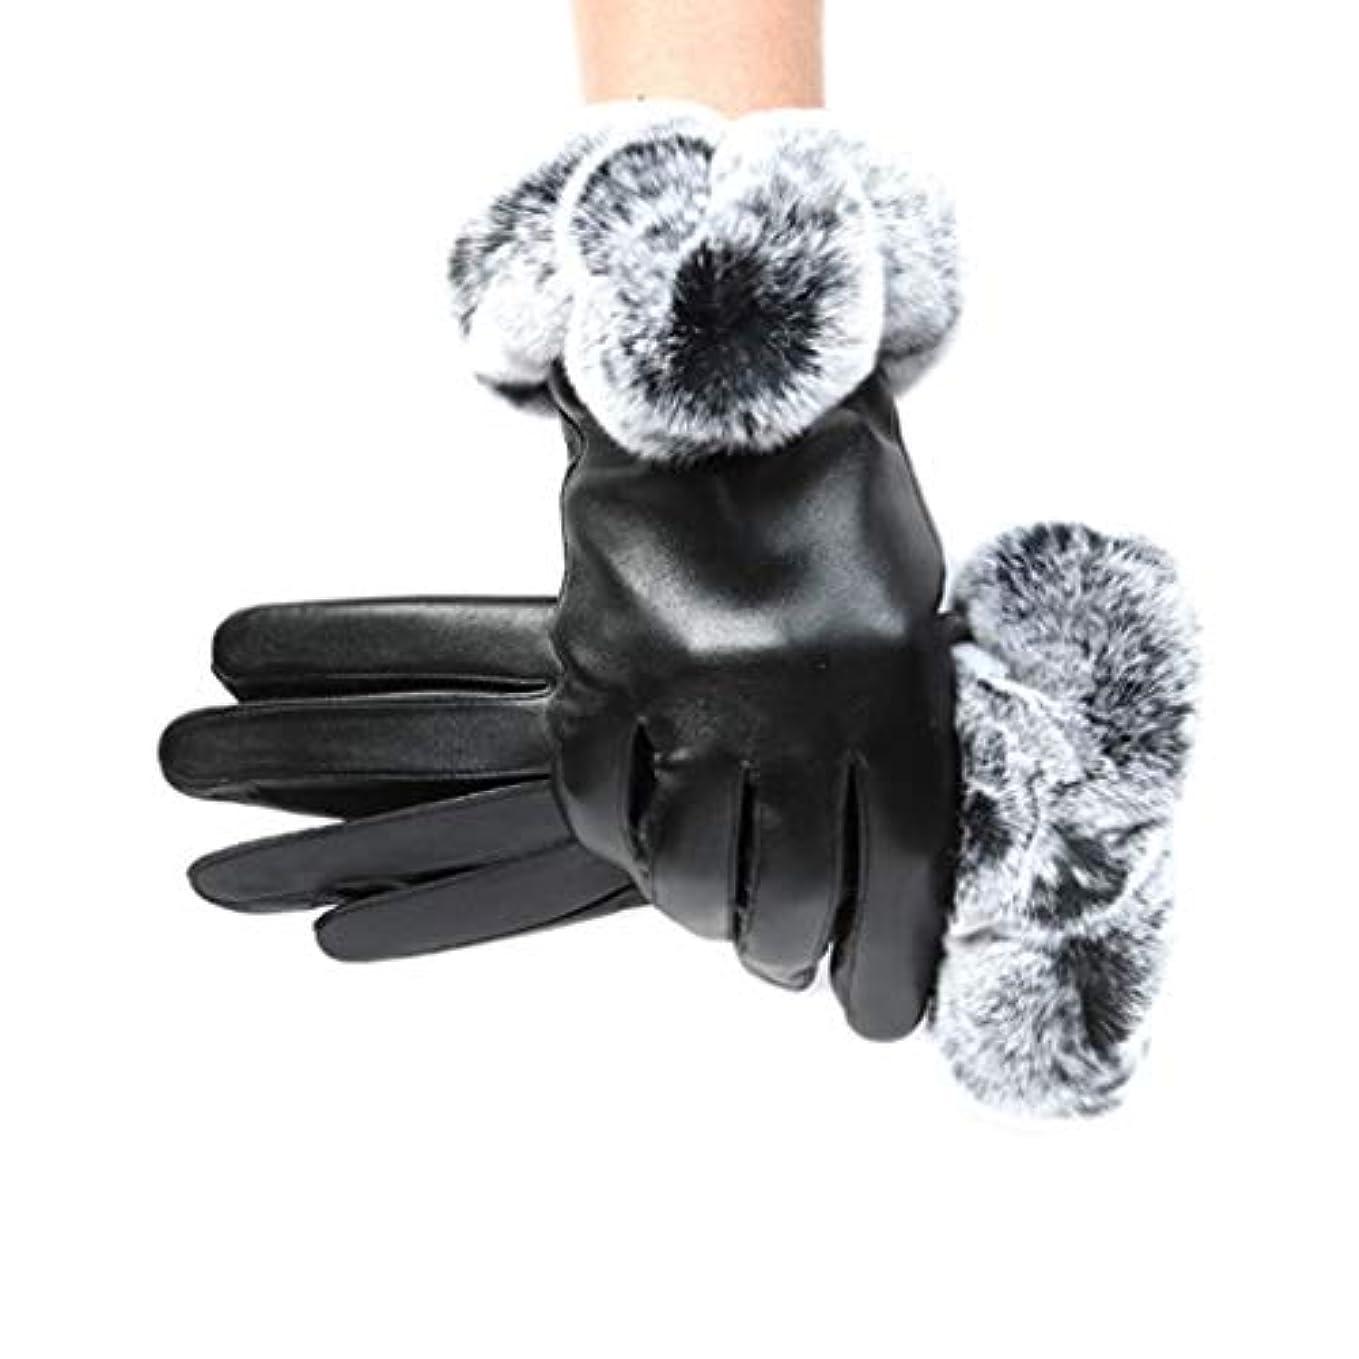 シャイニング威信第三レザーグローブ冬の暖かい手袋レディースアウトドアライディンググローブ防風コールドプラスベルベットのタッチスクリーングローブ女性モデル